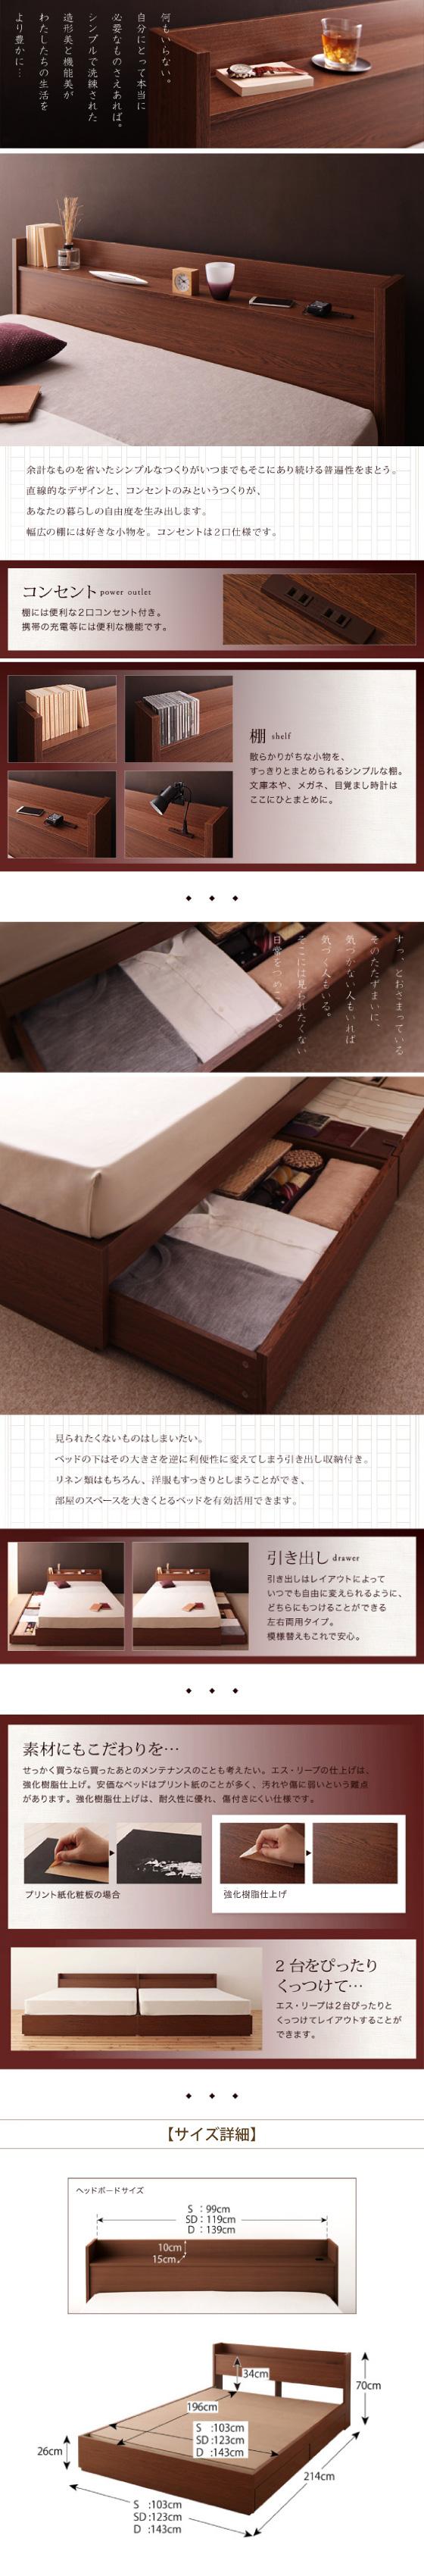 収納&棚&電源コンセント付きシングルベッド